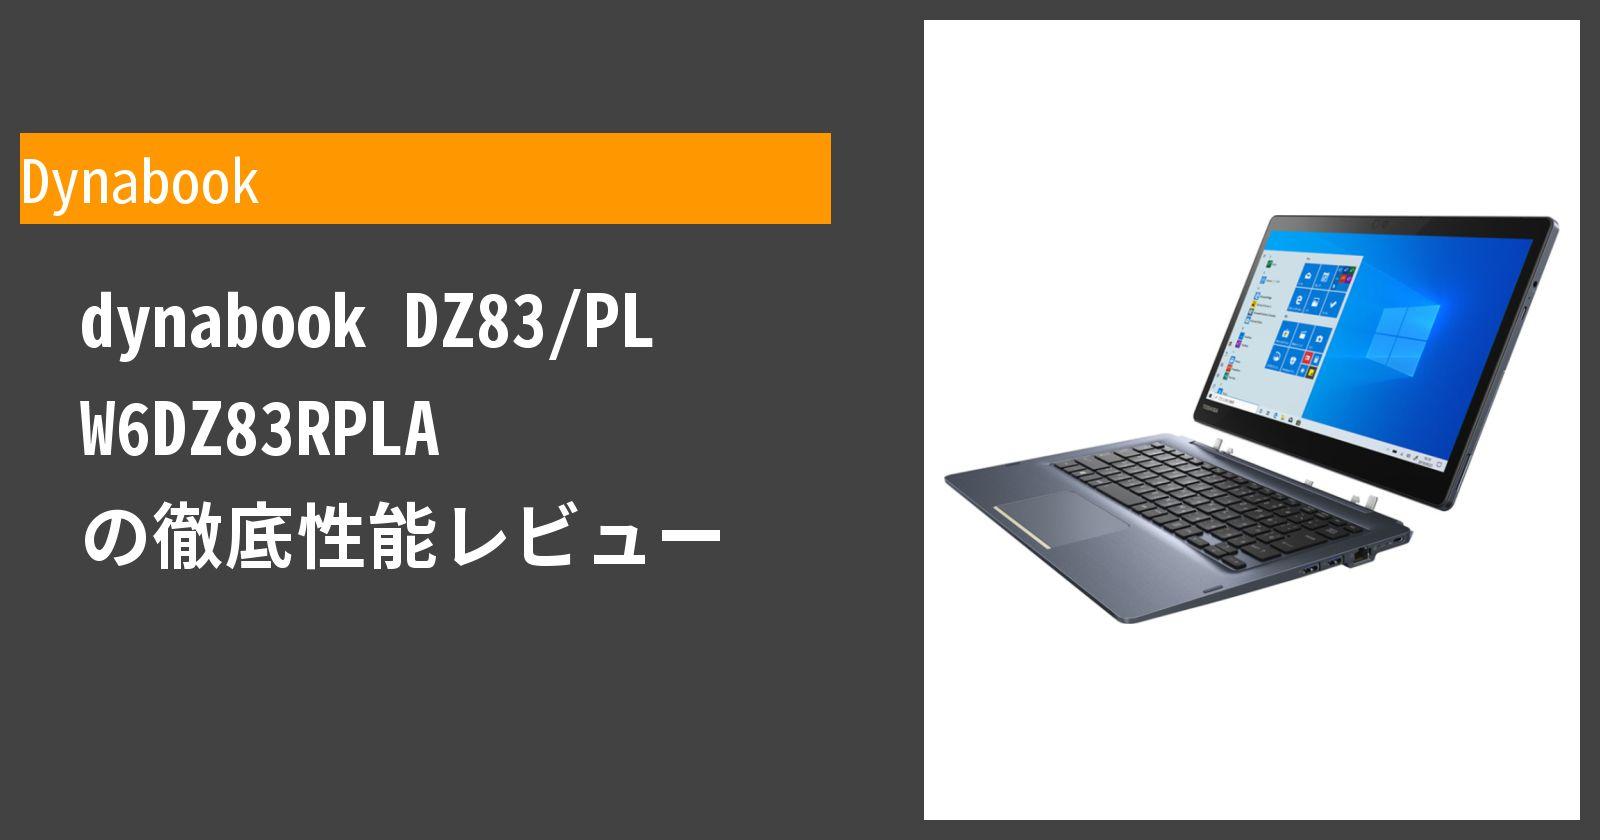 dynabook DZ83/PL W6DZ83RPLA の徹底性能レビュー